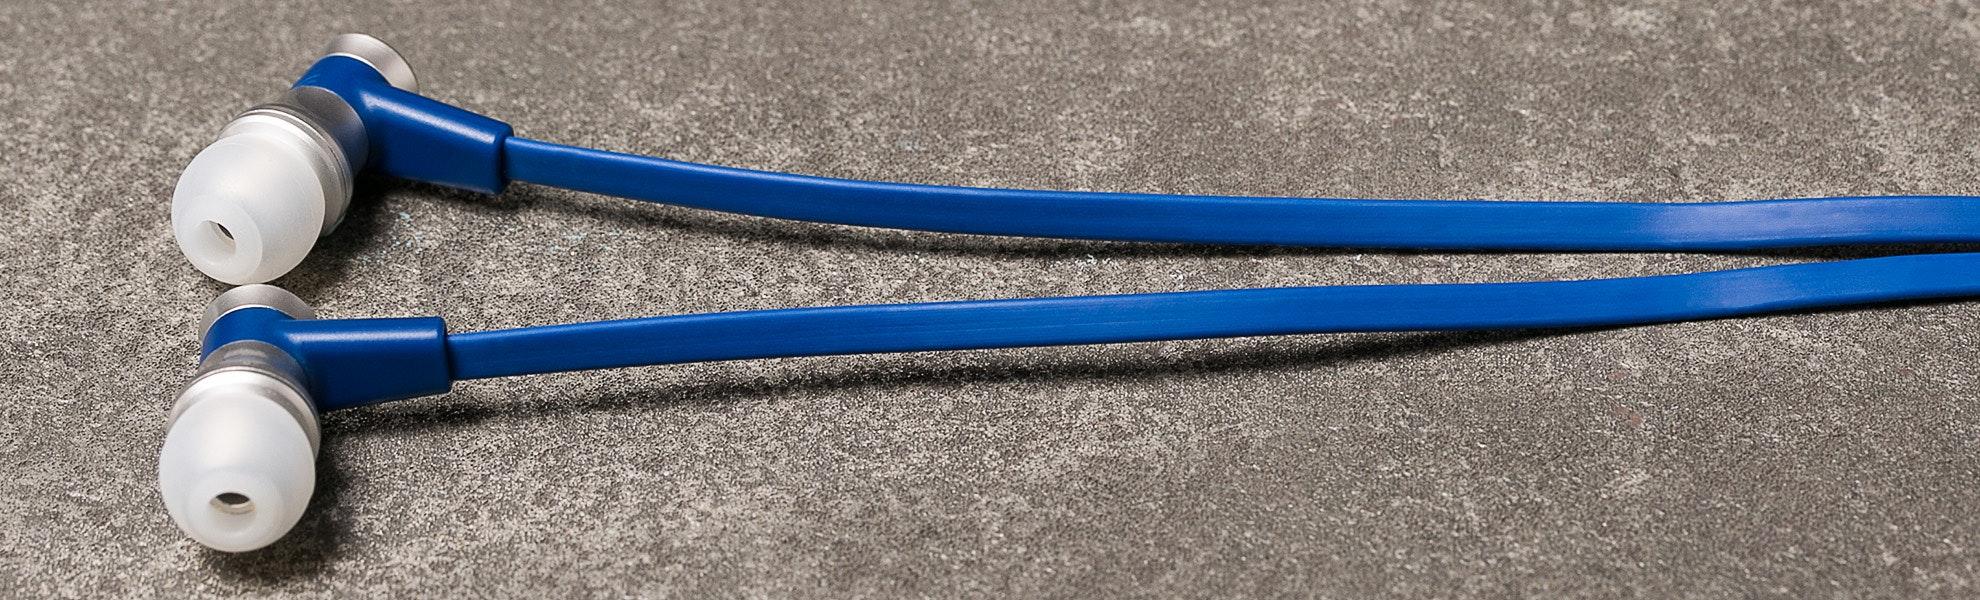 Blue Ever Blue 1001SV